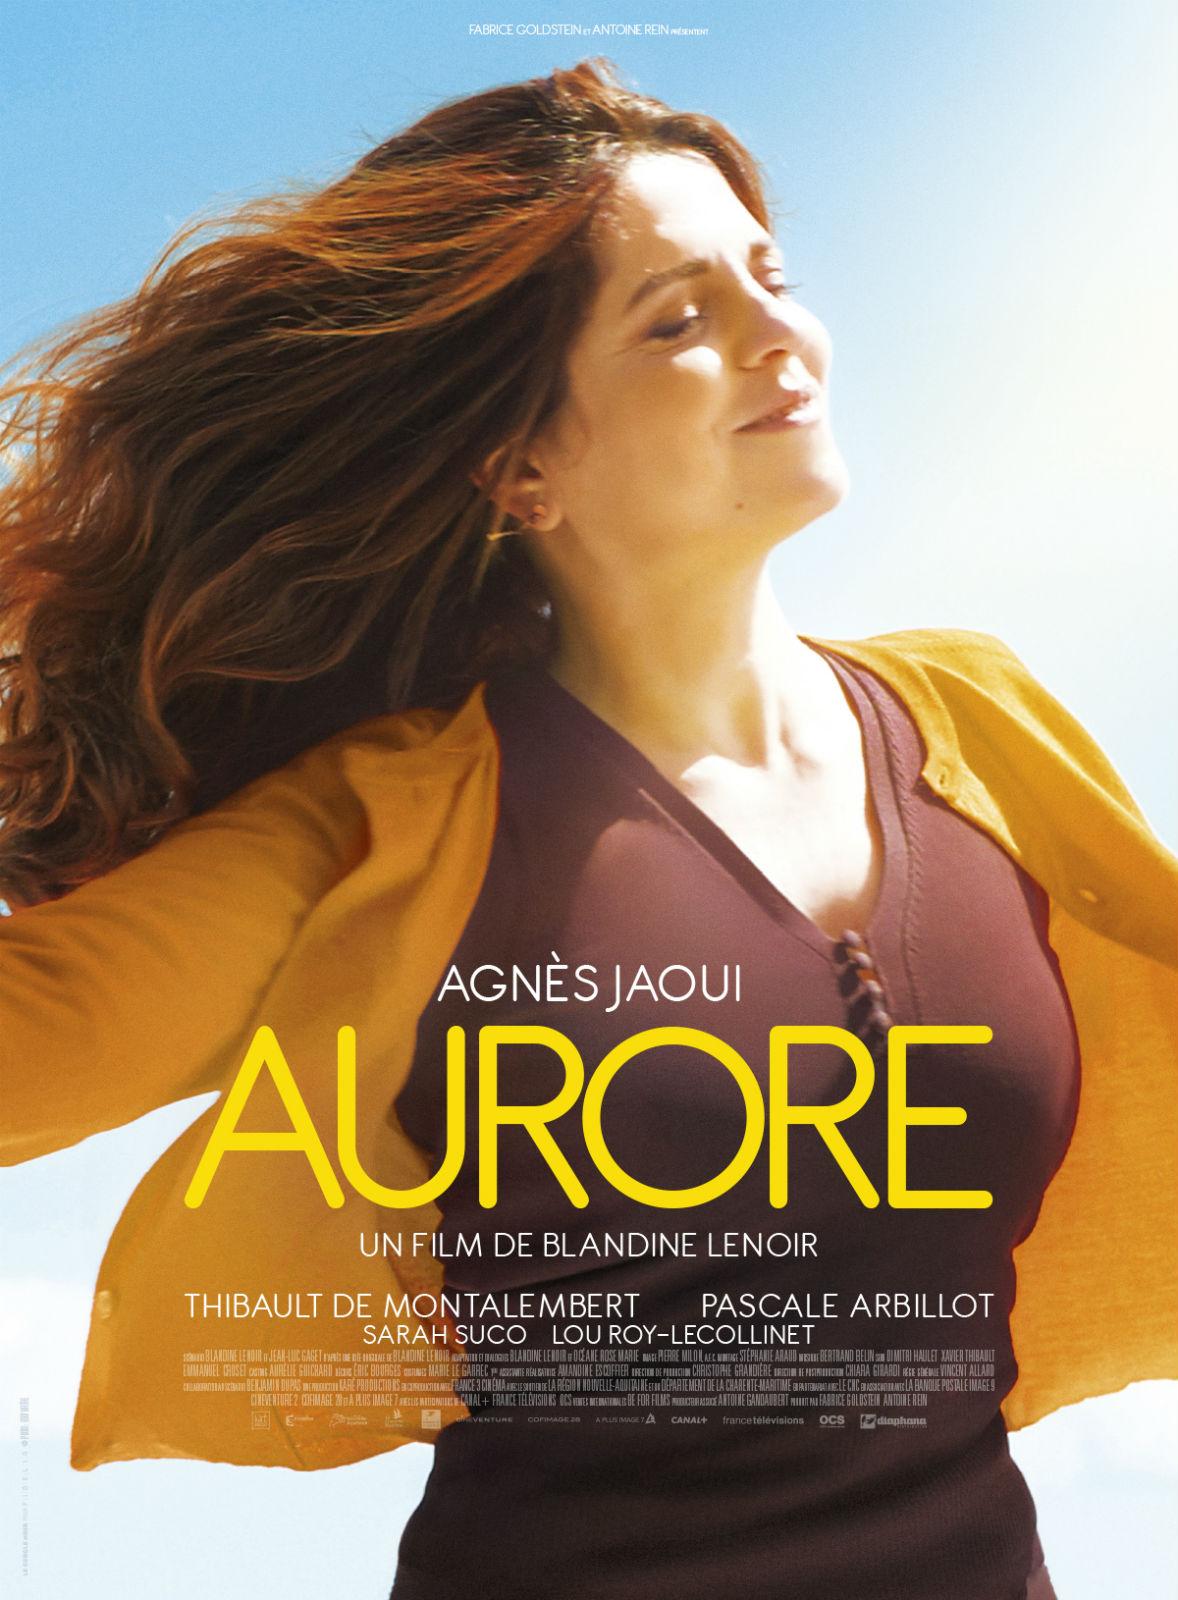 Aurore | Blandine Lenoir, Auteur adapté